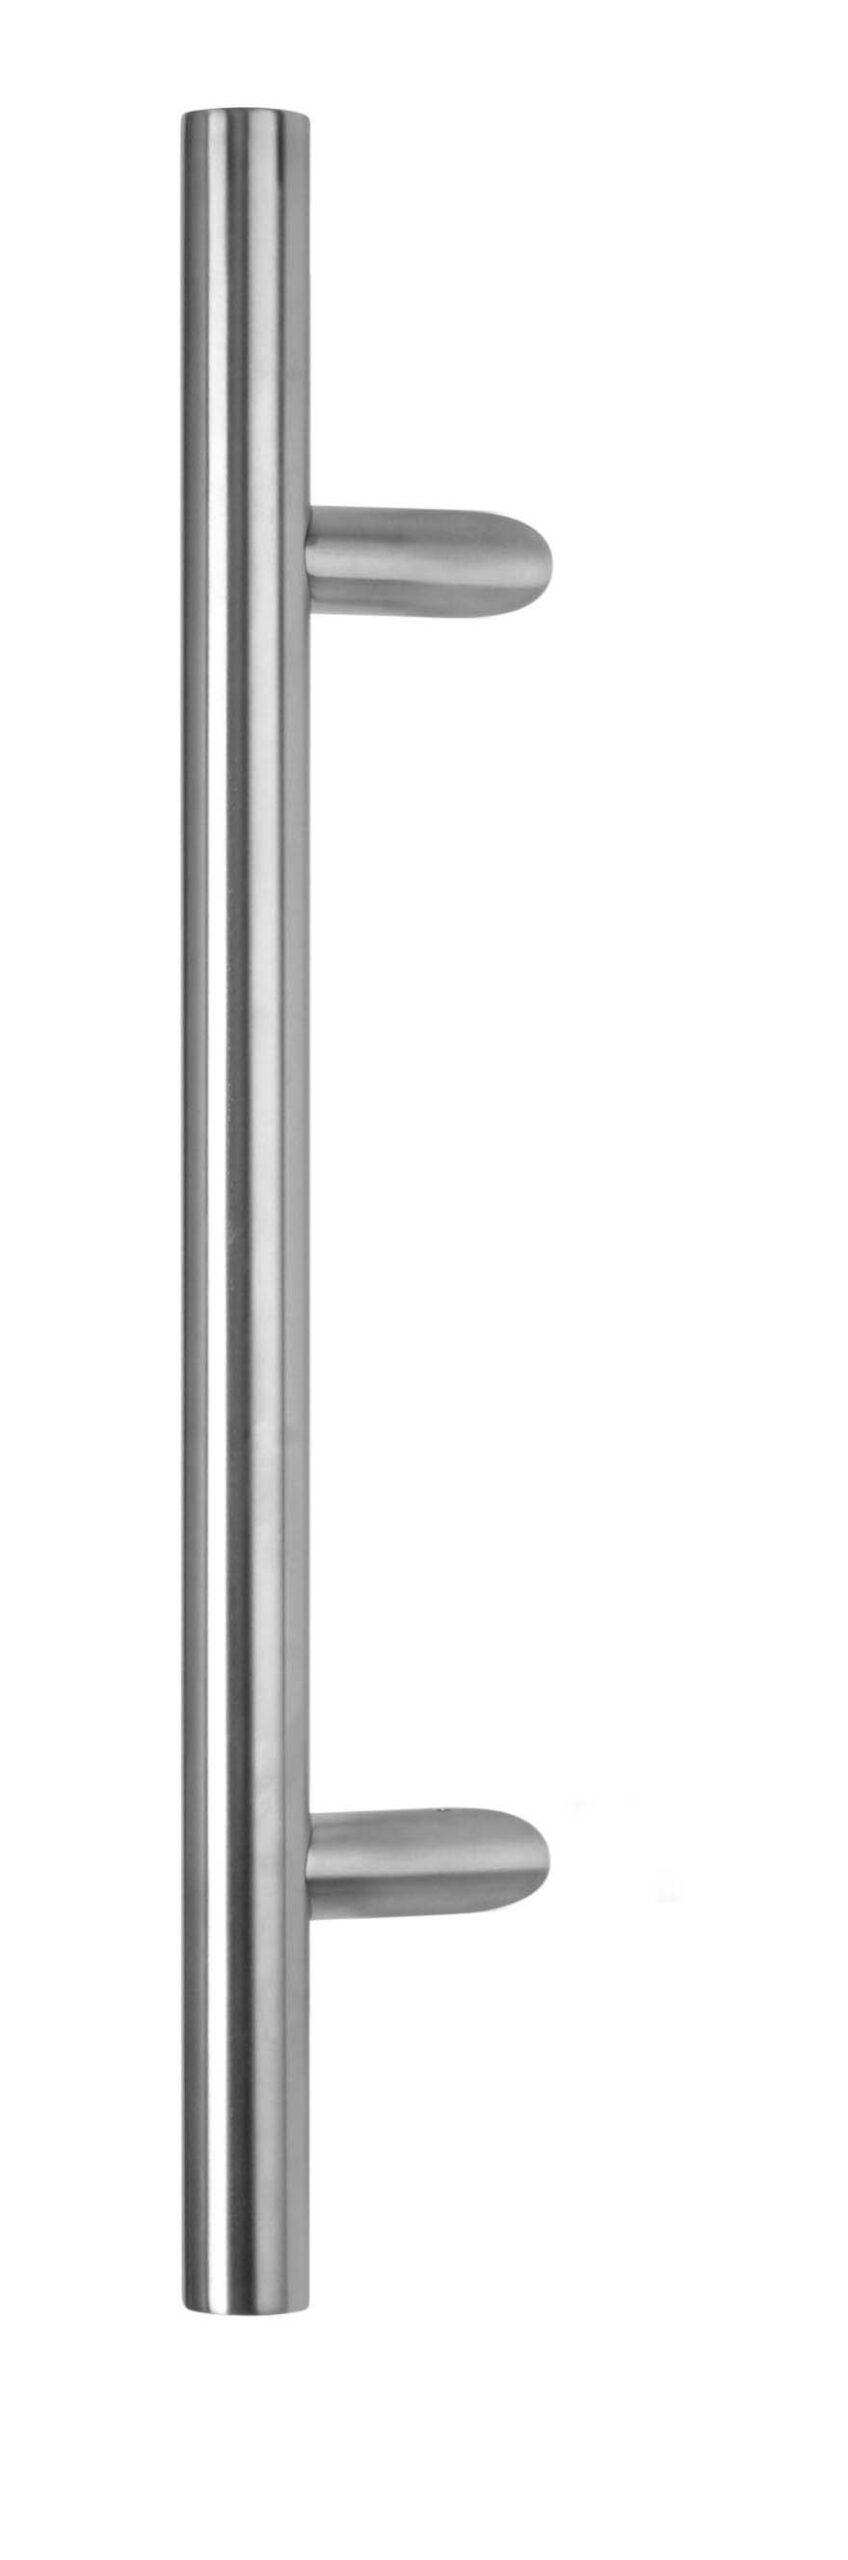 PH006E